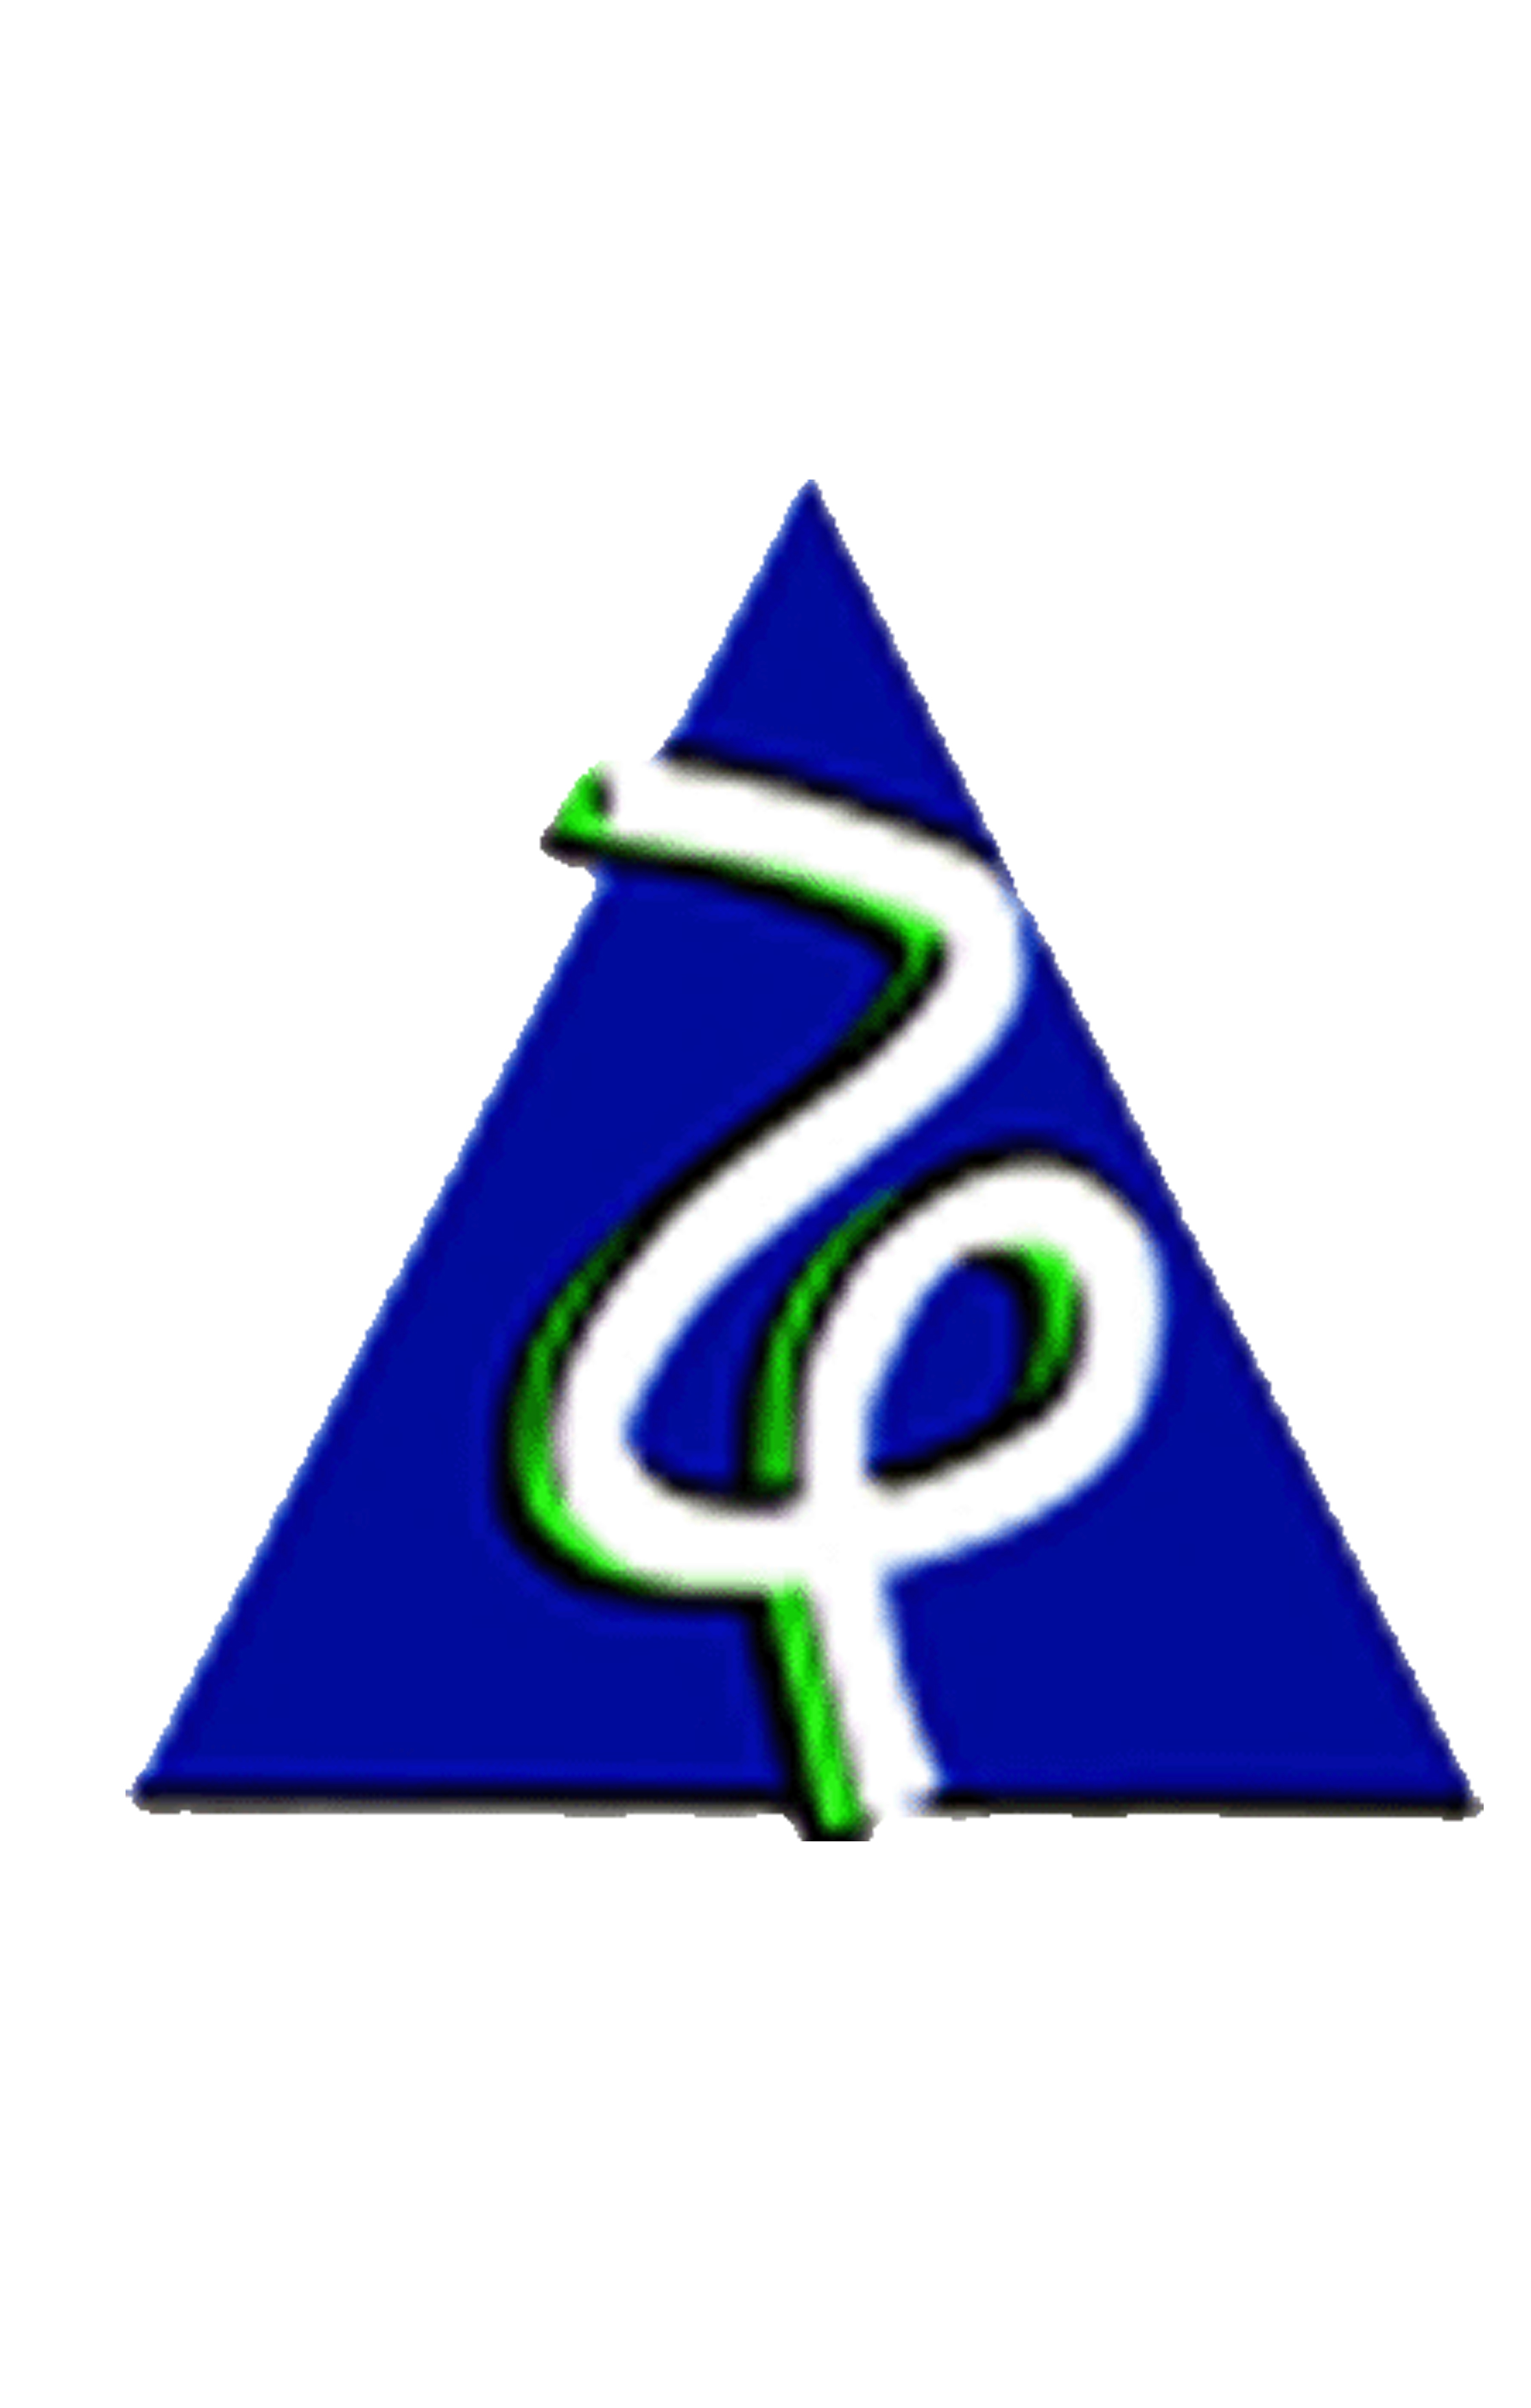 厦门中平公路勘察设计院有限公司宁德分公司